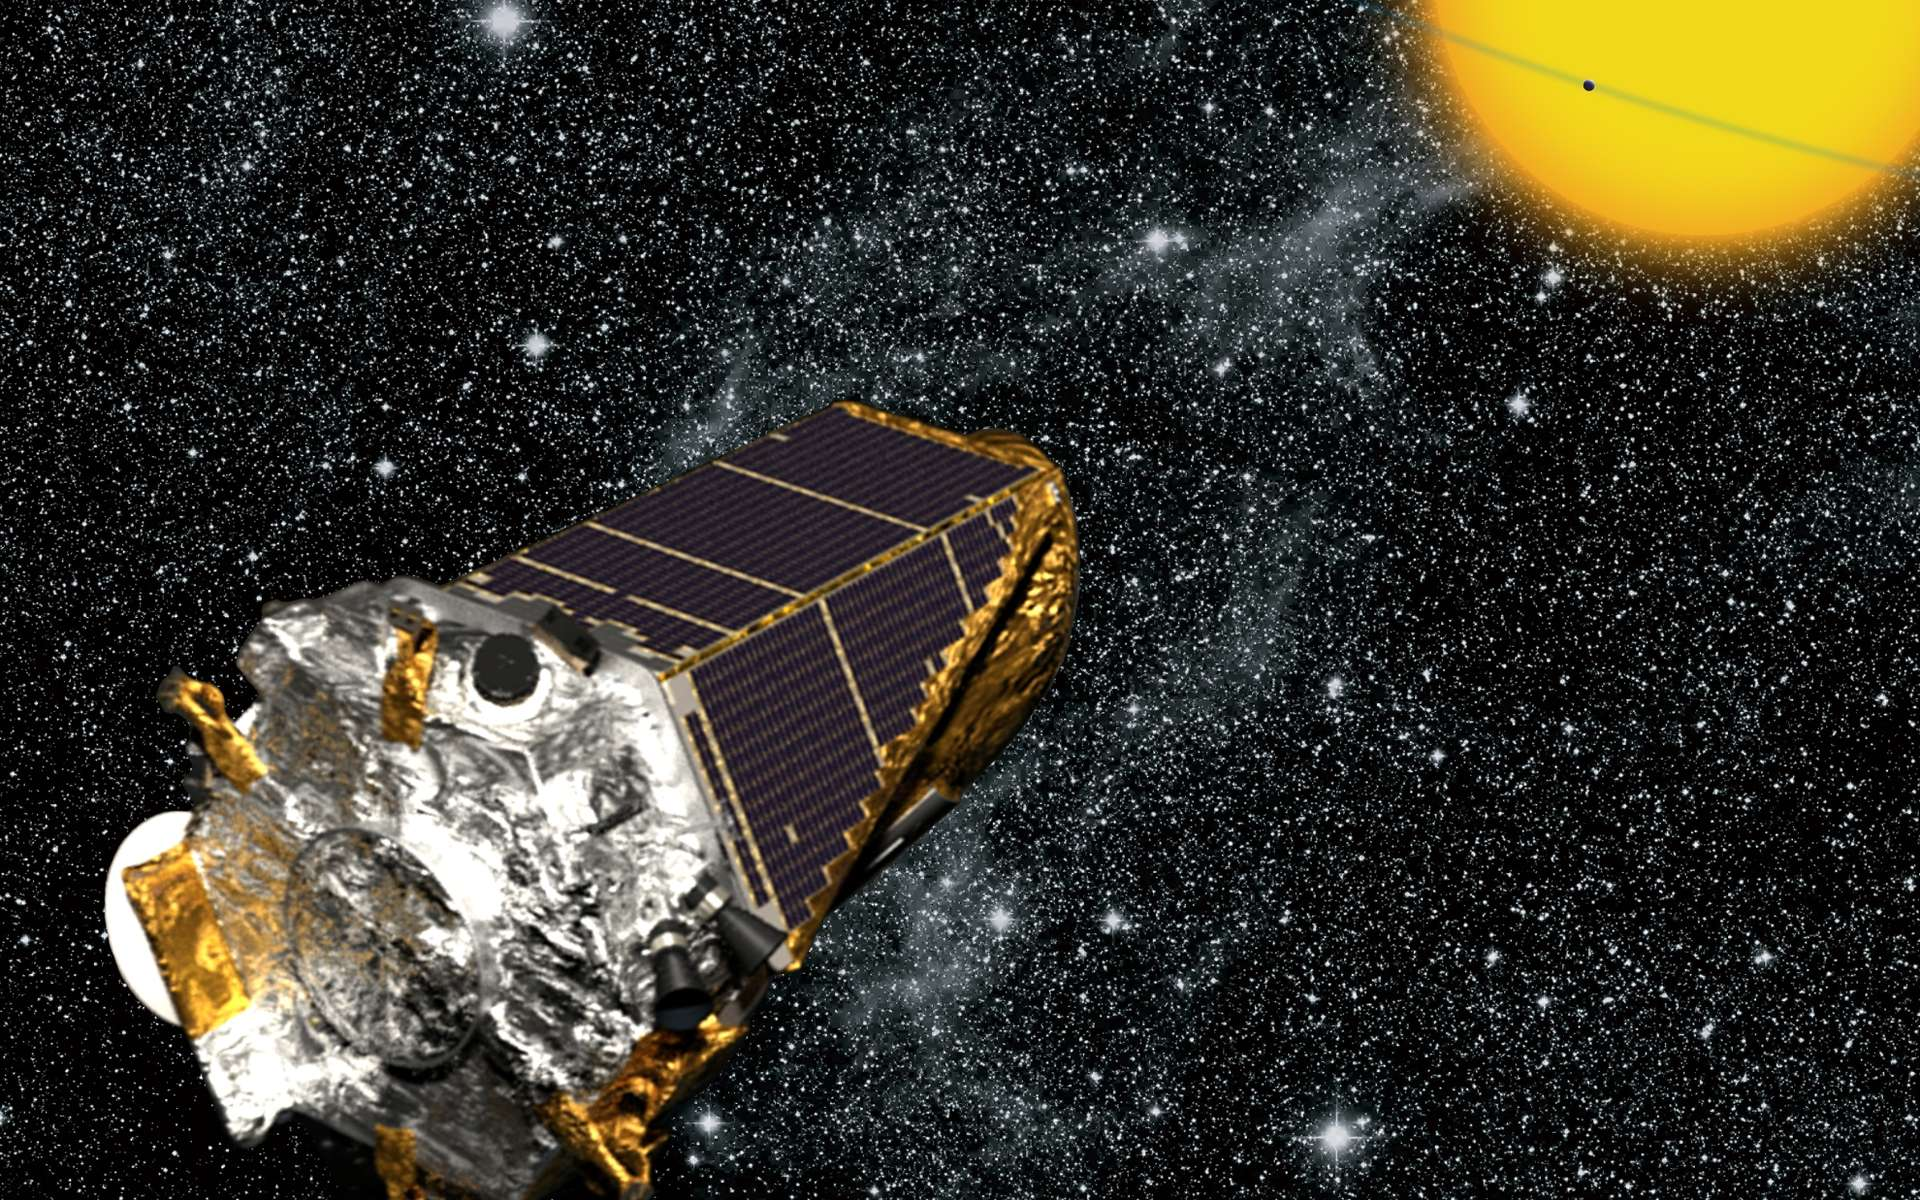 Des astrophysiciens ont pu étudier des étoiles situées dans de vieux amas ouverts. Ils ont découvert qu'un nombre anormalement élevé de ces étoiles avaient des axes de rotation presque parallèles. Ici, une vue d'artiste de Kepler observant les transits planétaires. © Nasa